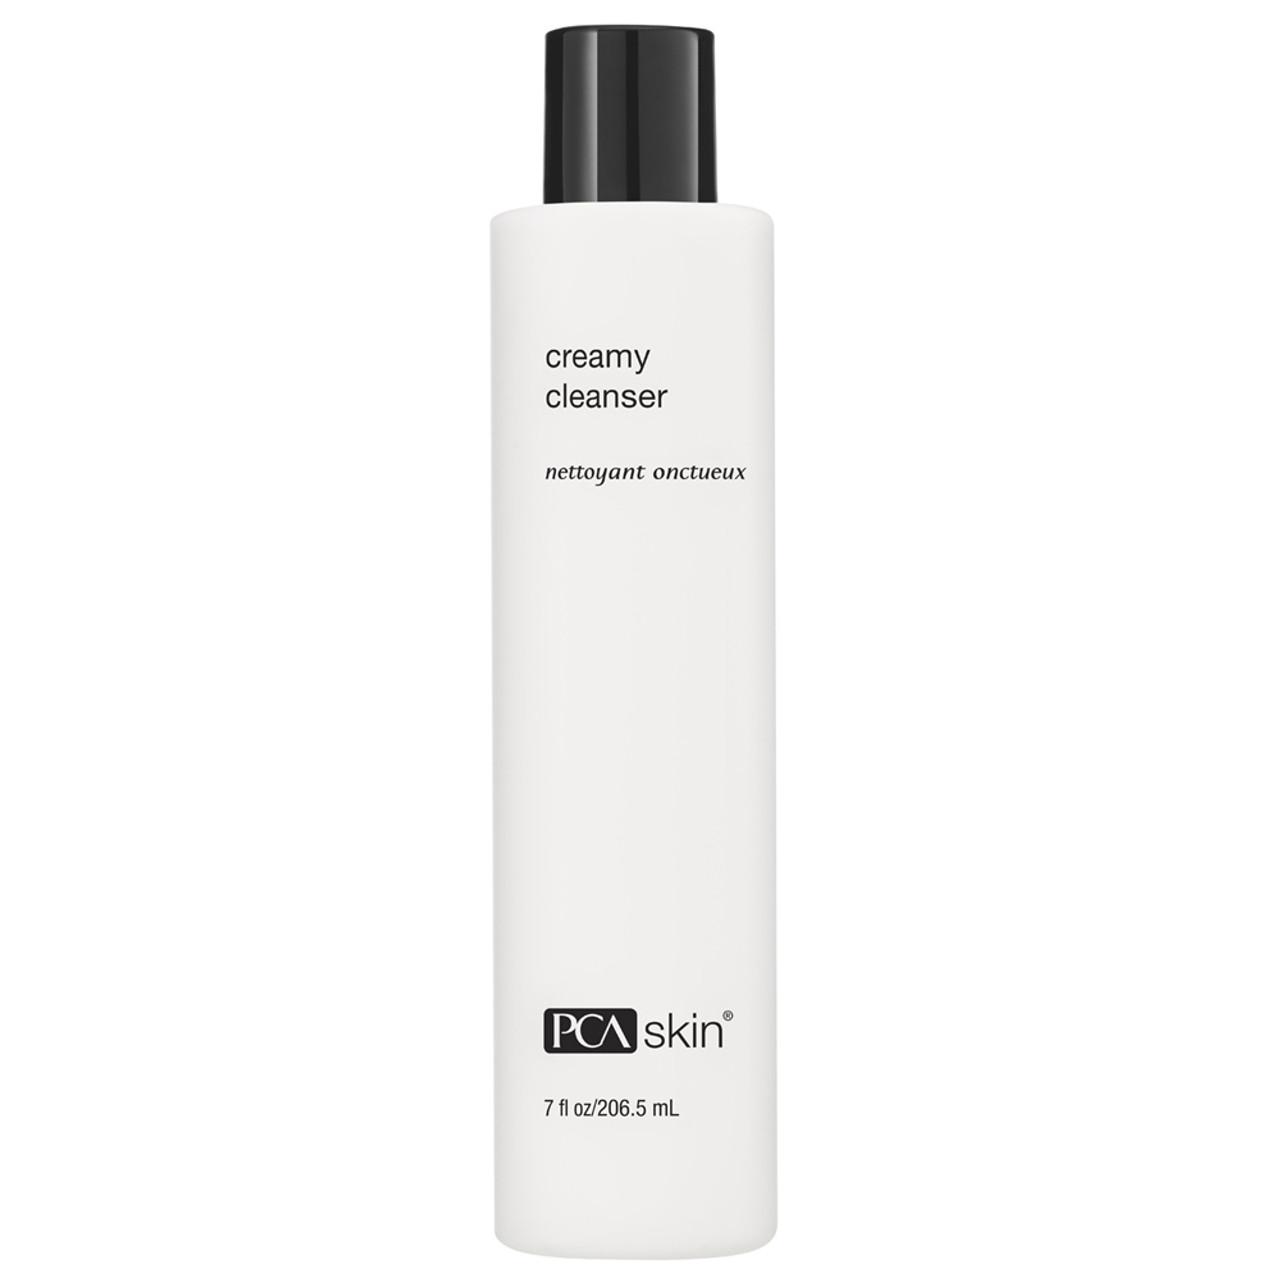 PCA Skin Creamy Cleanser BeautifiedYou.com